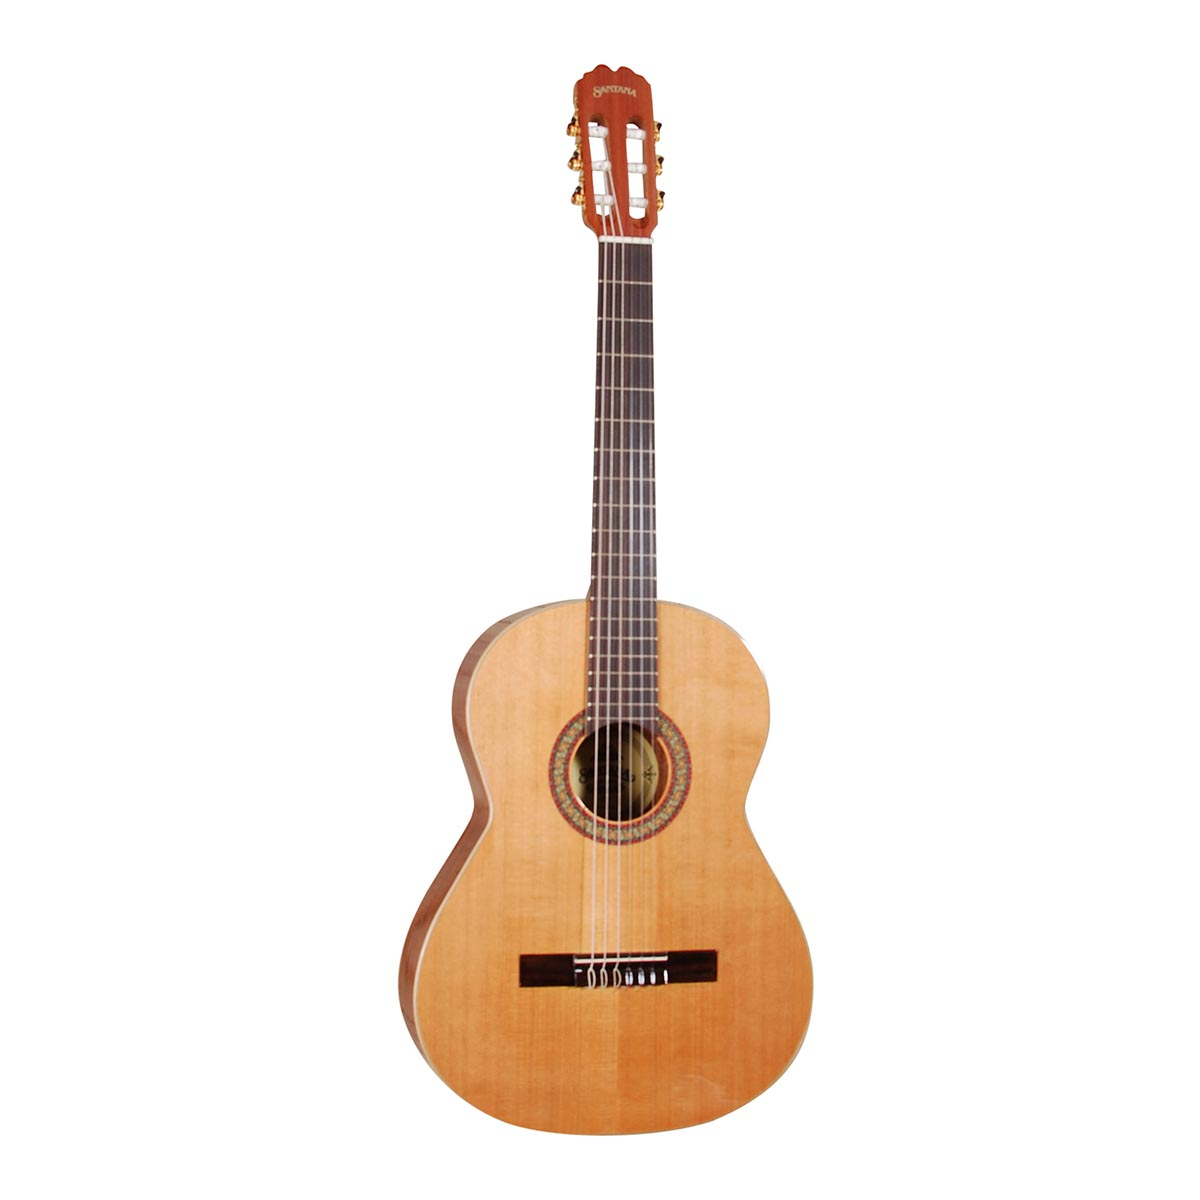 Santana 11 spansk guitar